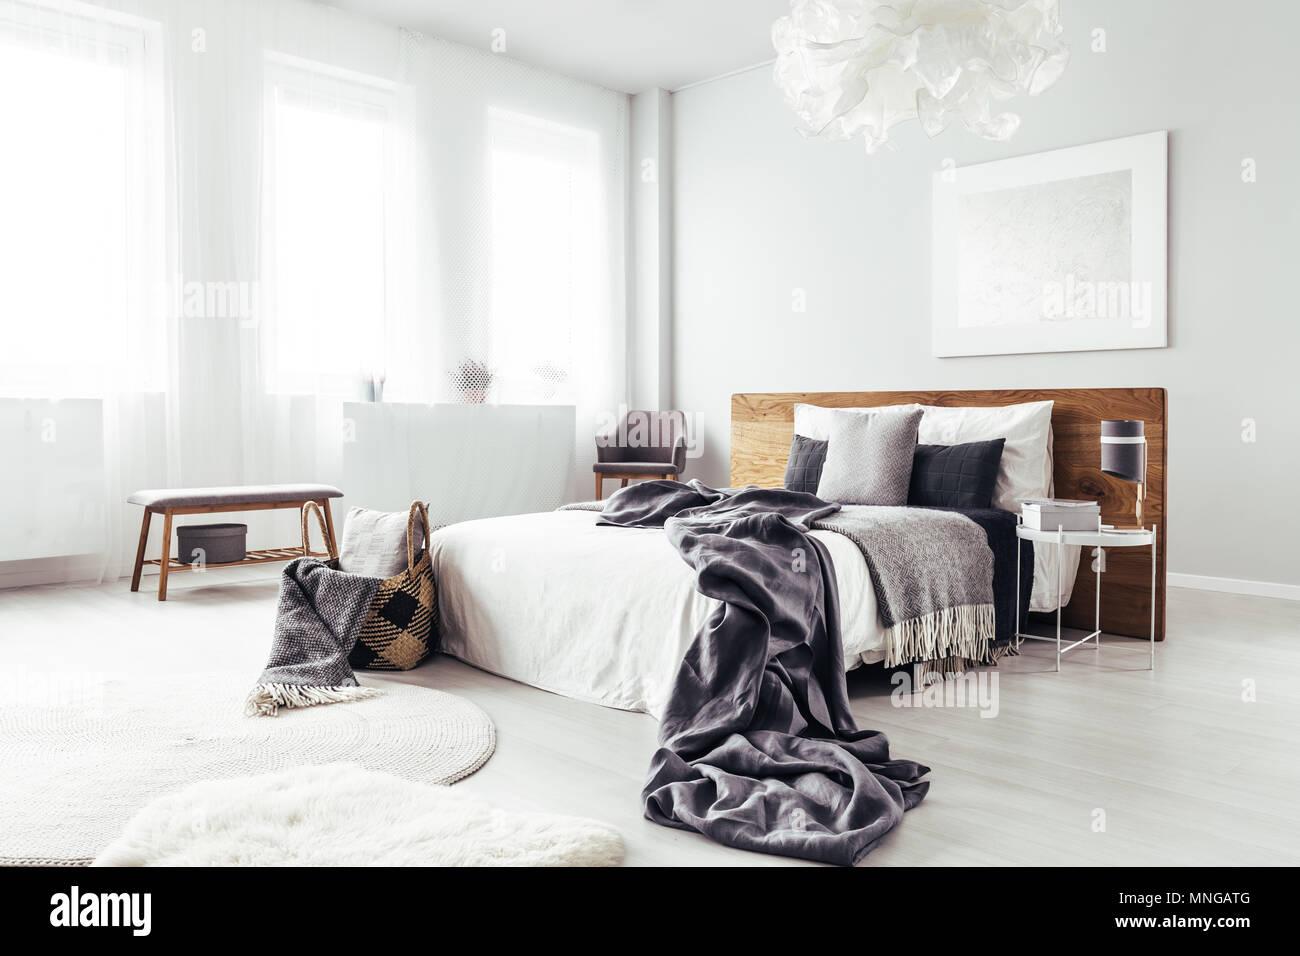 Bettwäsche auf King-Size-Bett mit hölzernen bedhead in helles Schlafzimmer mit Sitzbank und Korb Stockbild